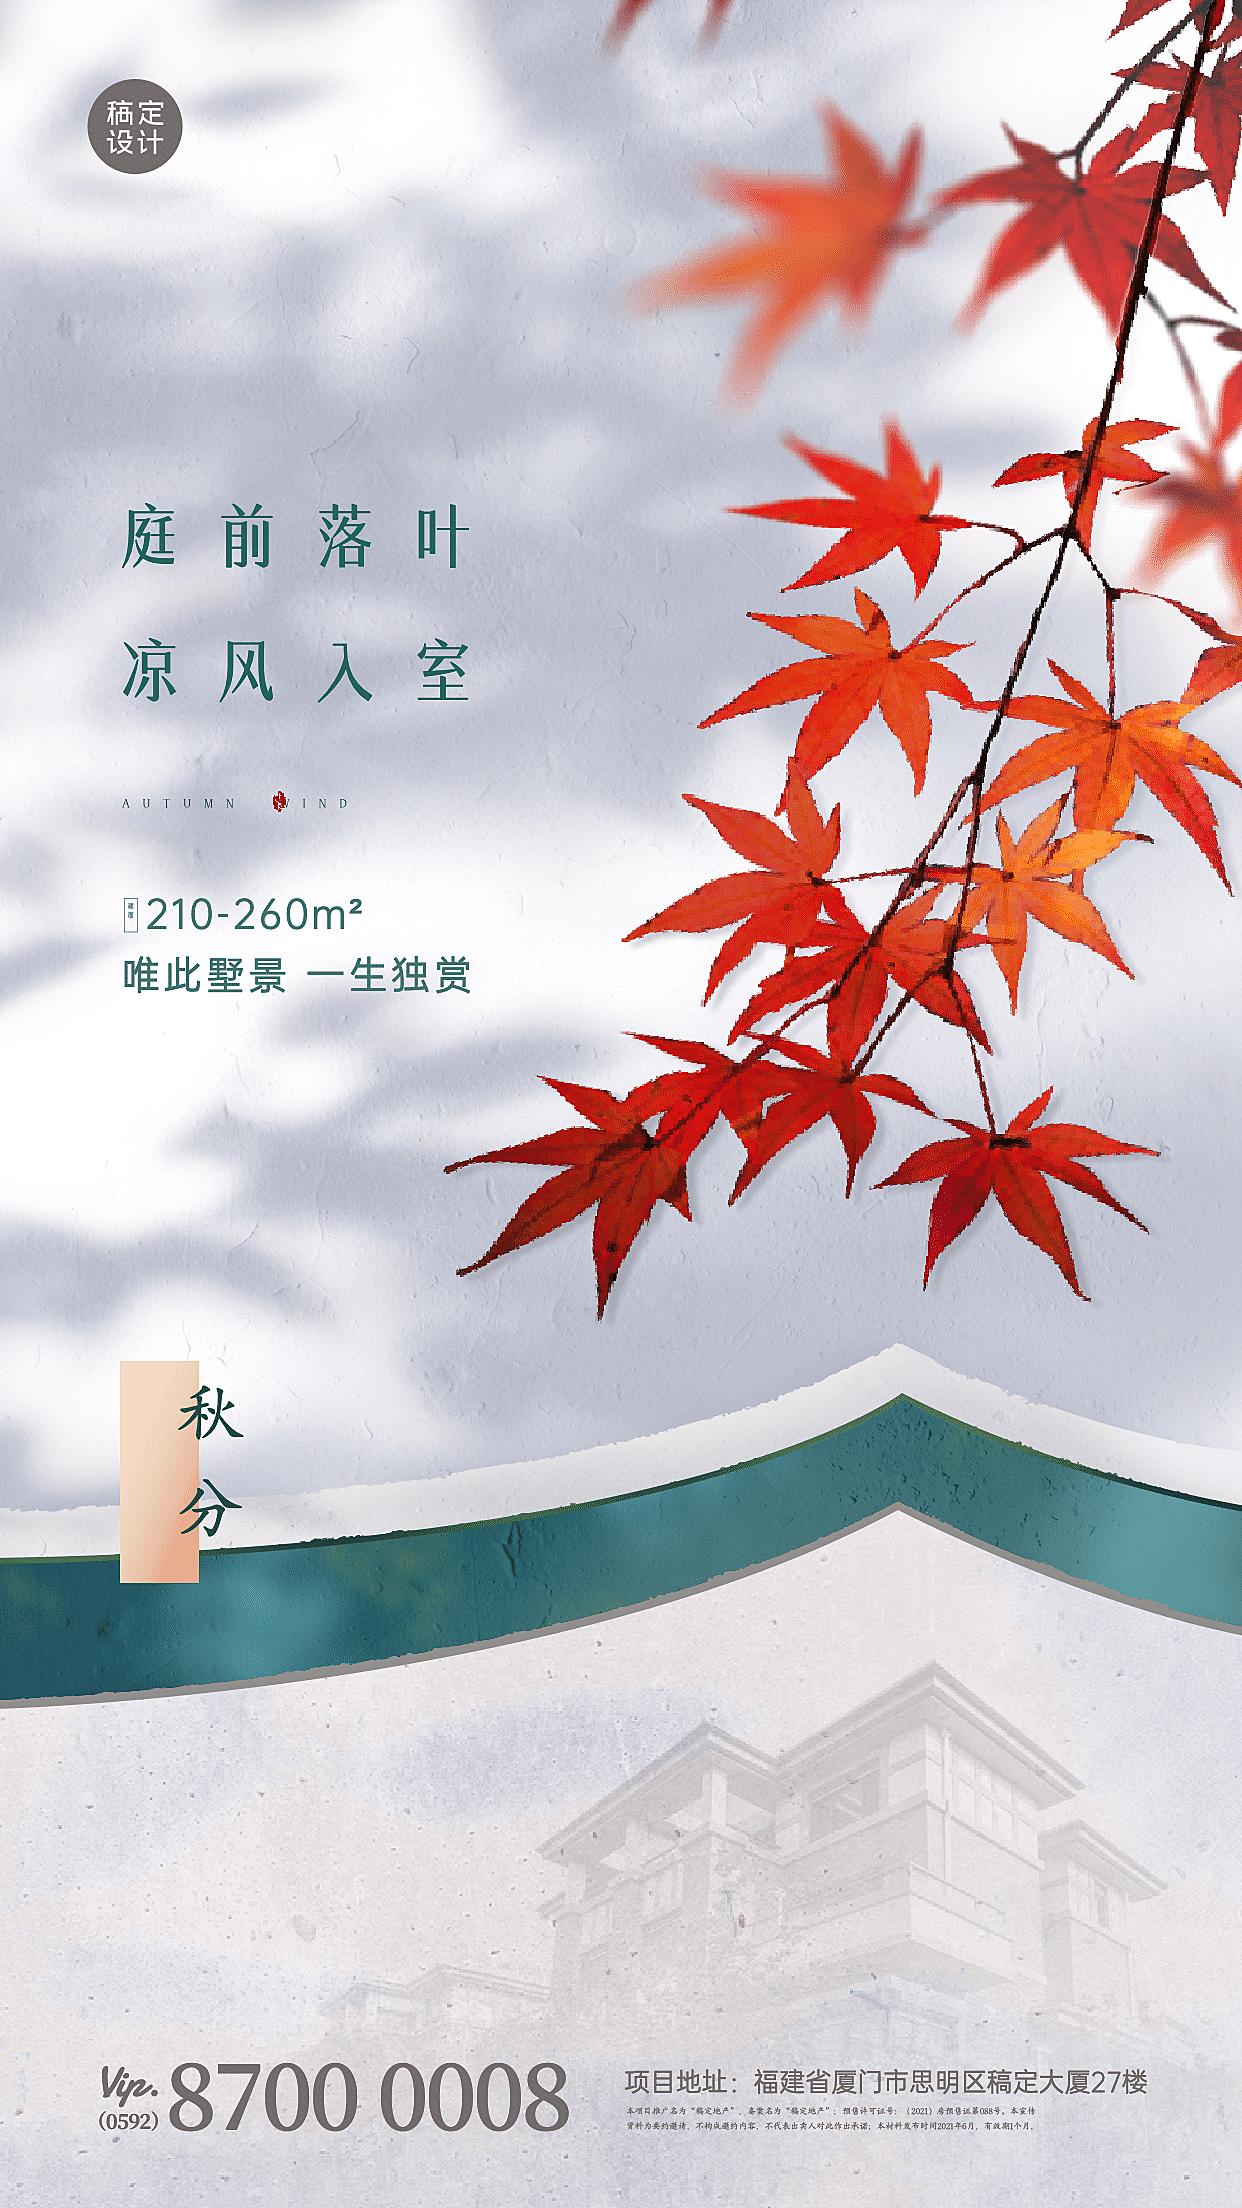 房地产秋分中式古风清新祝福海报